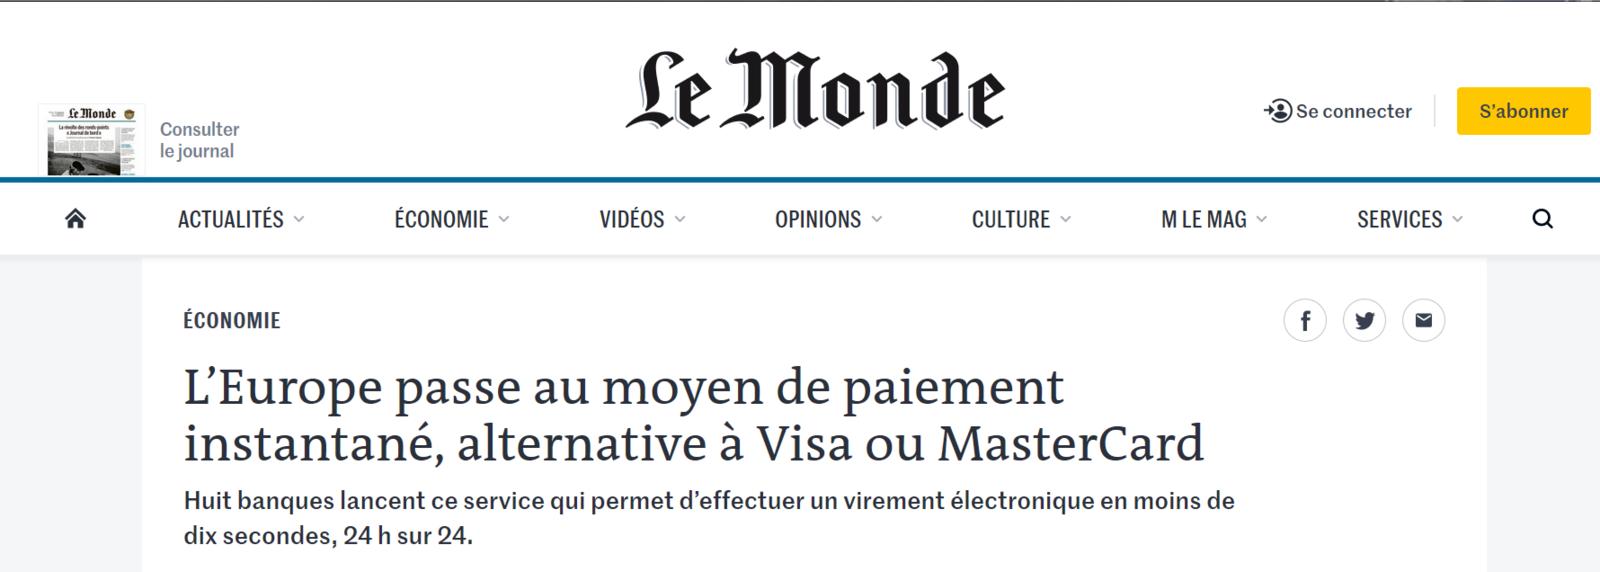 L'Europe passe au moyen de paiement instantané, alternative à Visa ou MasterCard